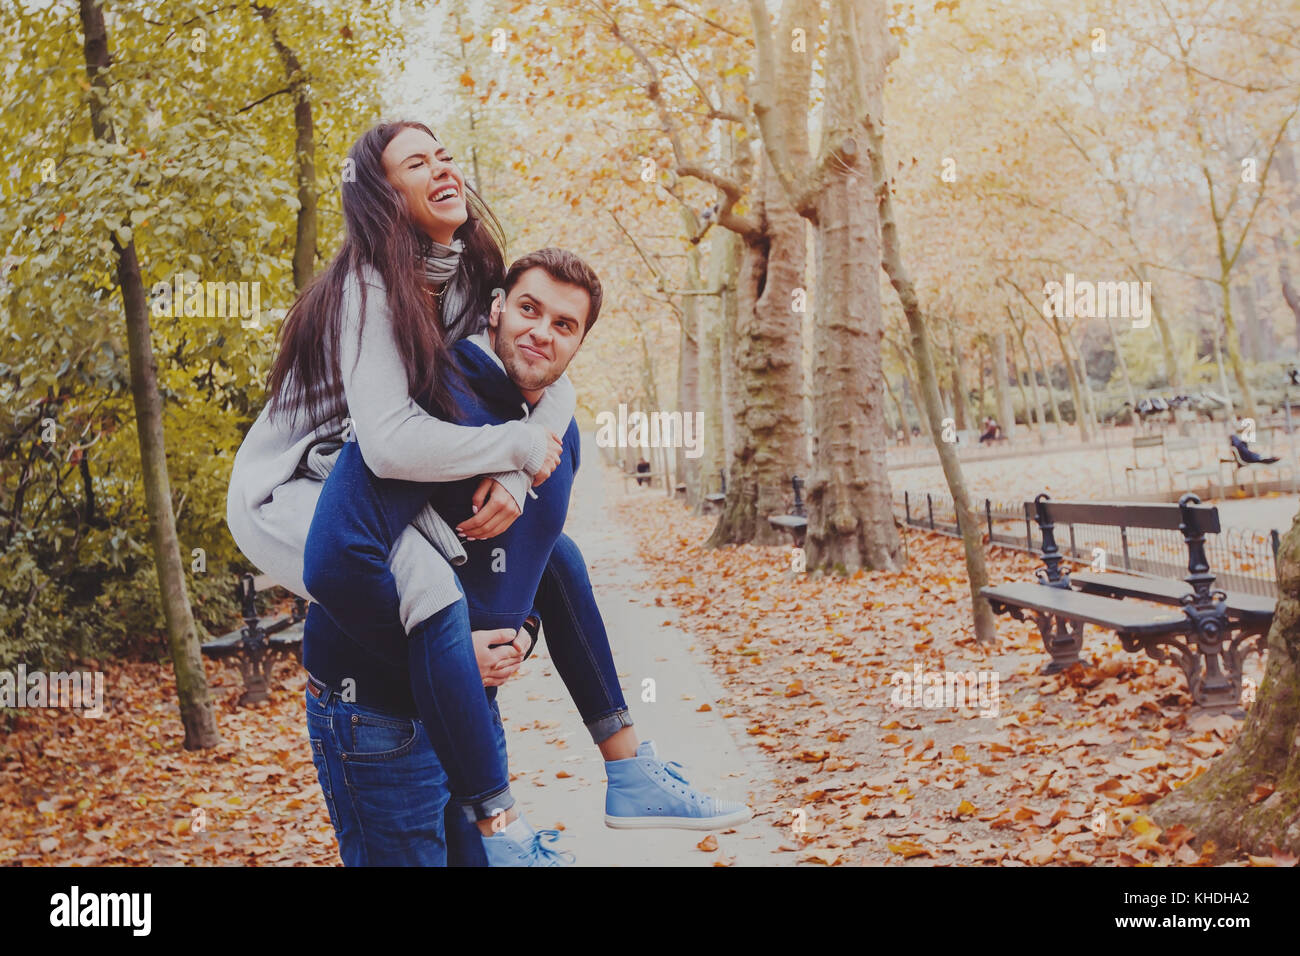 El hombre lleva una mujer piggyback, citas, pareja joven riendo en otoño park Imagen De Stock